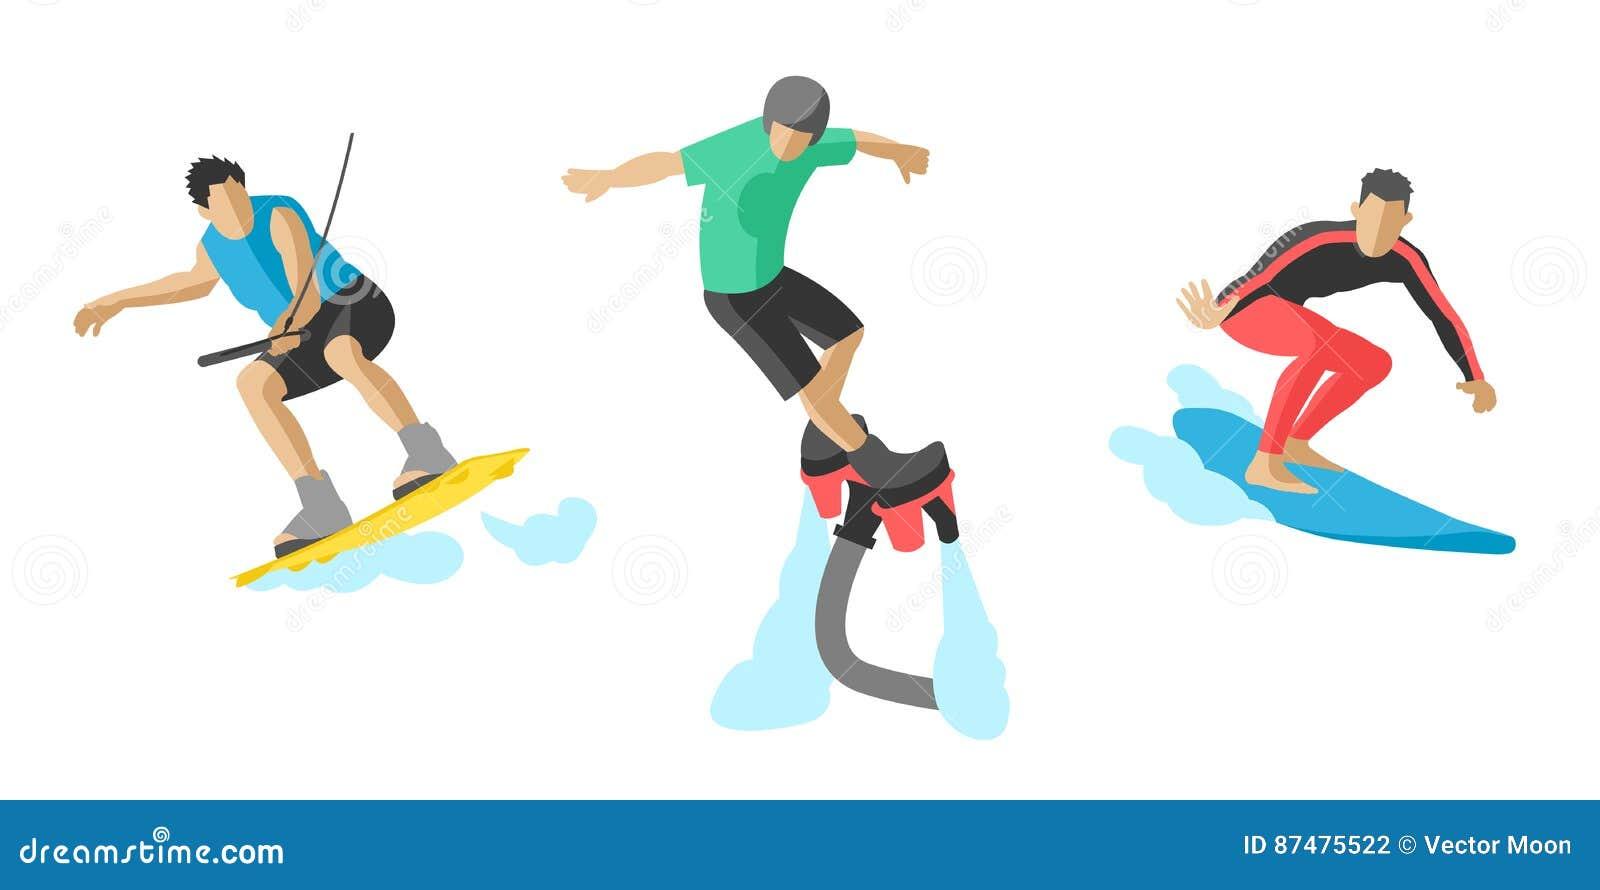 Вектор скача конек ролика скейтбордиста skydiver скорости весьма скейтборда жизни иллюстрации силуэтов спортсменов установленный